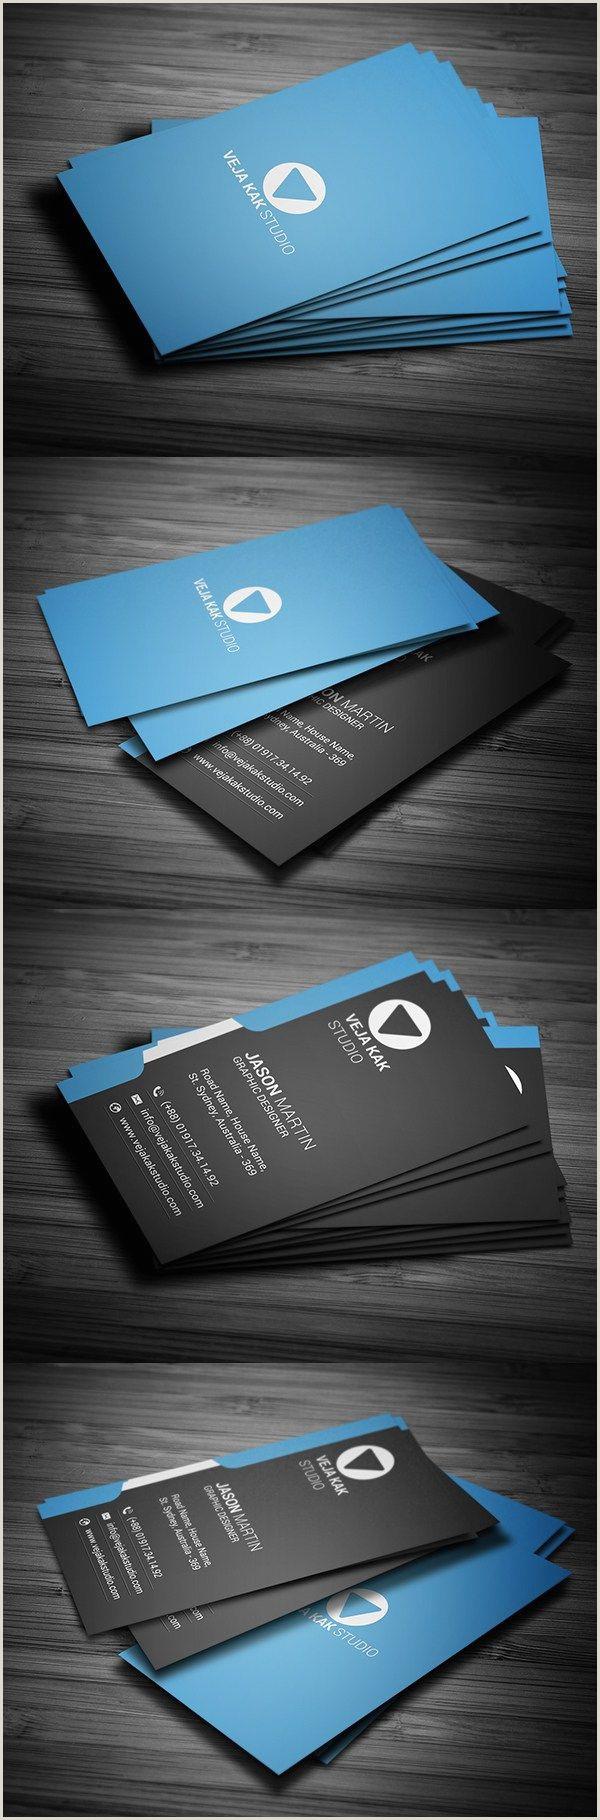 Idea Business Cards 40 Business Card Design Ideas In 2020